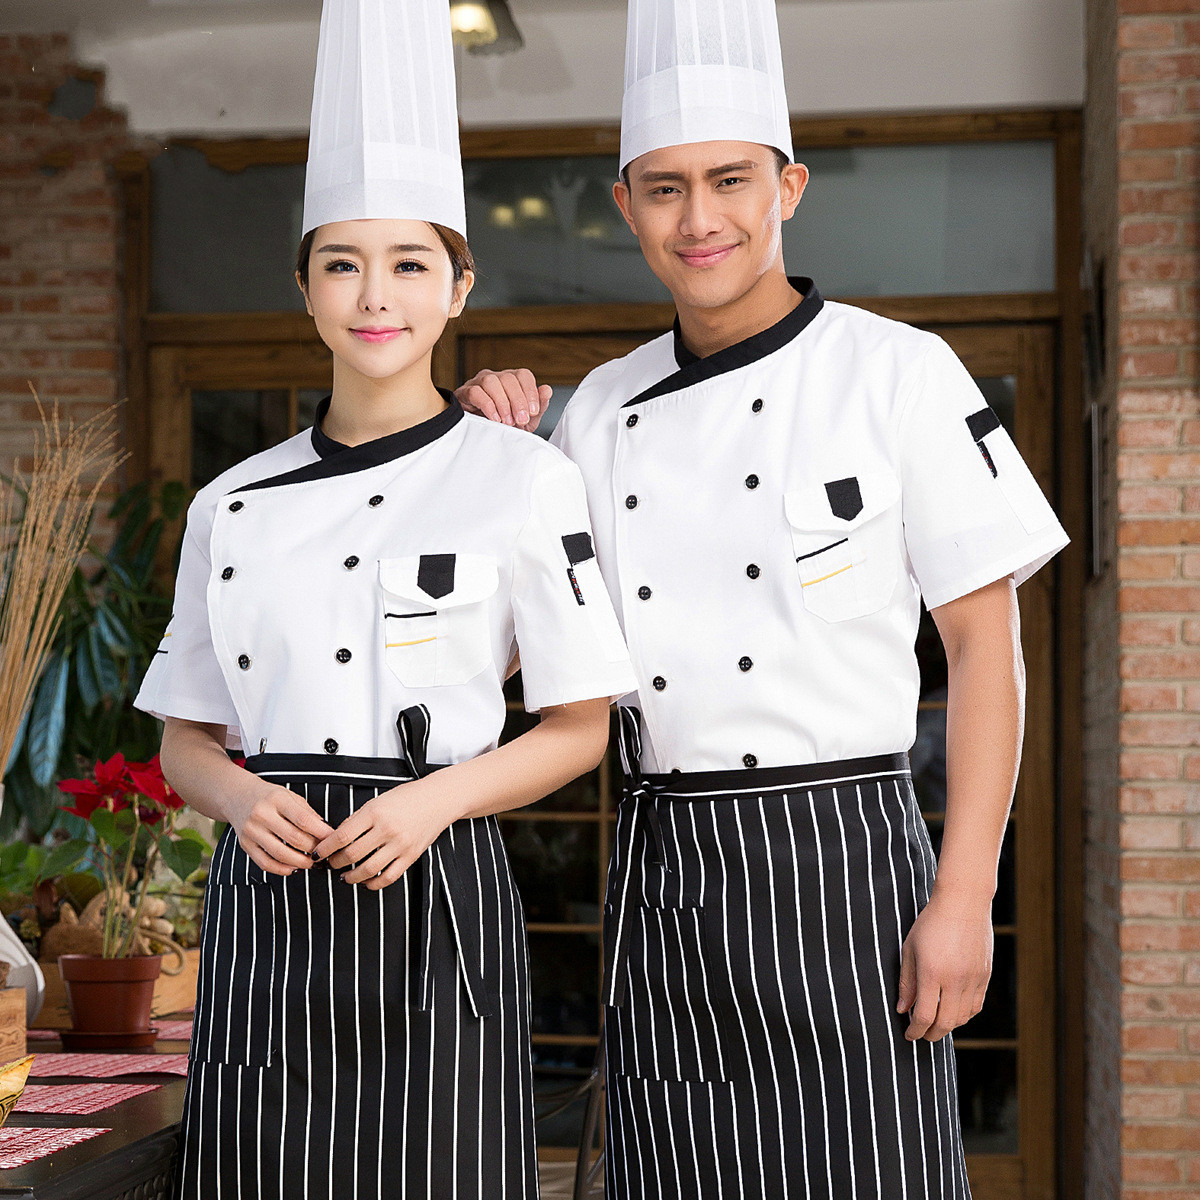 Restaurant Kitchen Uniforms popular restaurant kitchen uniforms-buy cheap restaurant kitchen